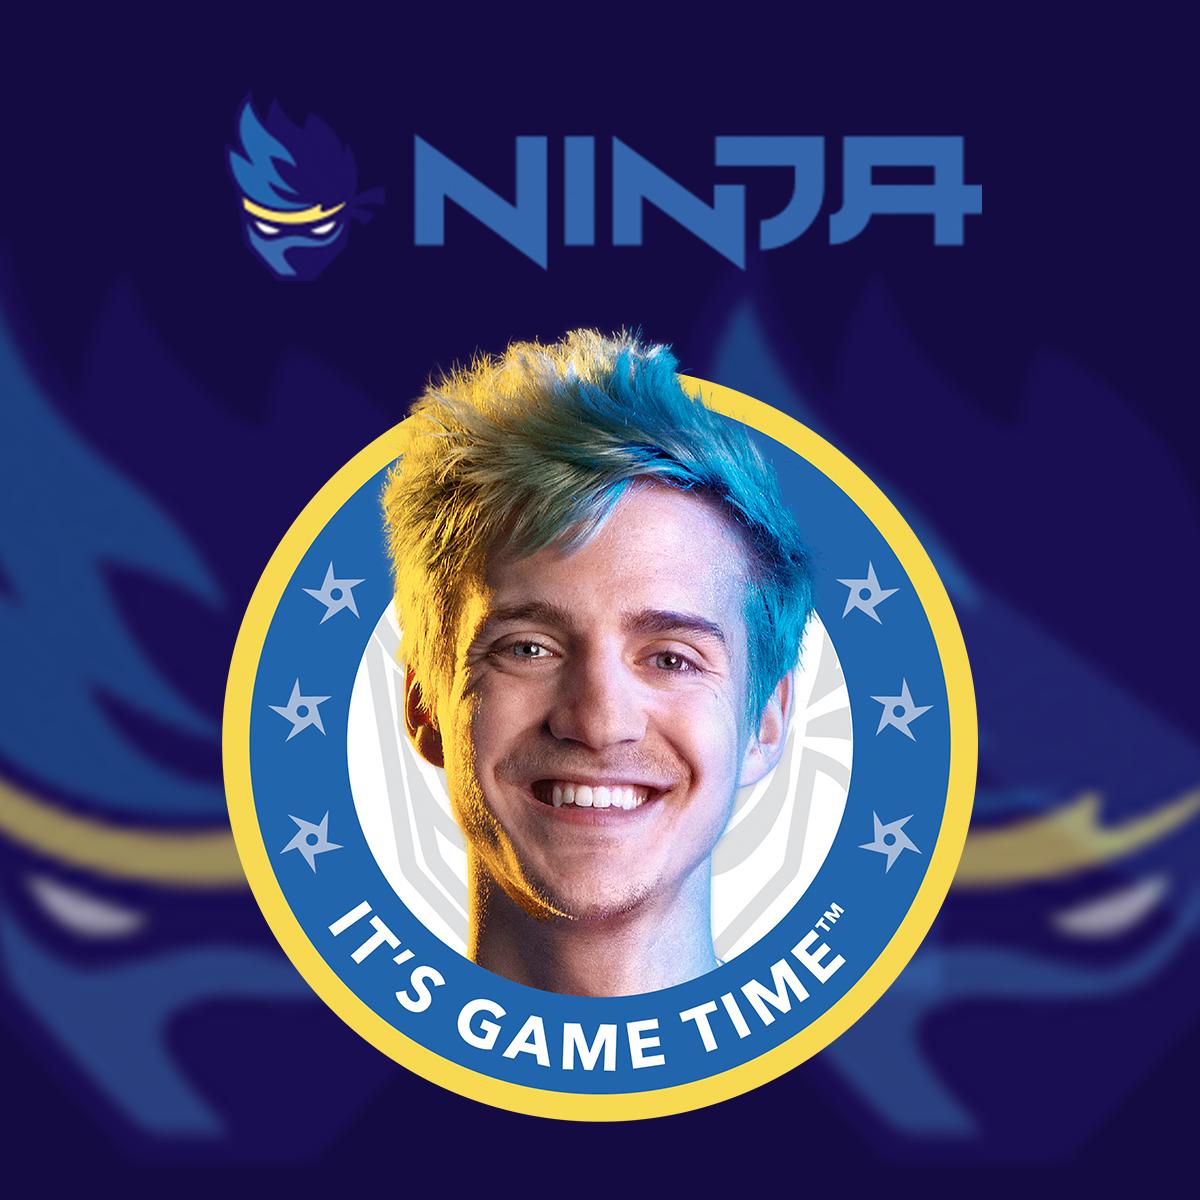 Juguetes Ninja